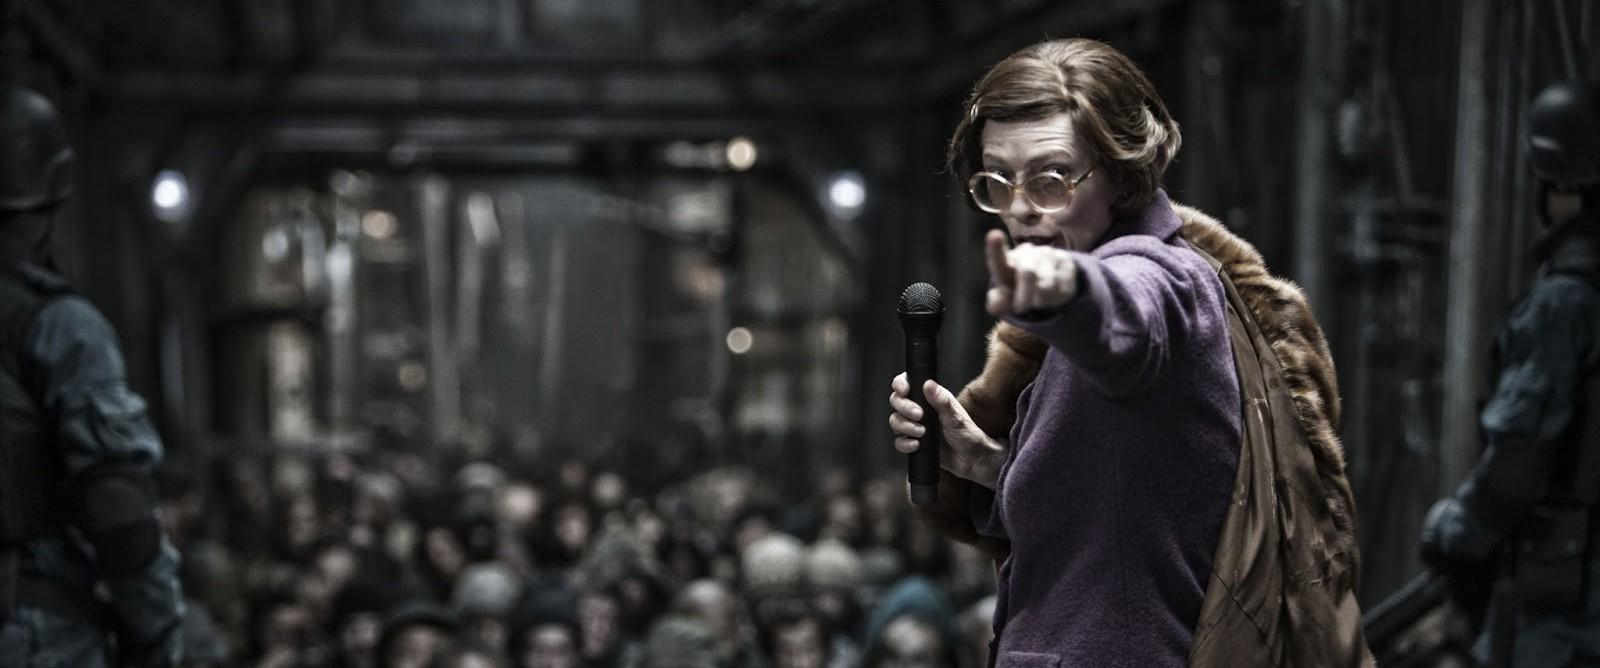 Tilda Swinton as Mason